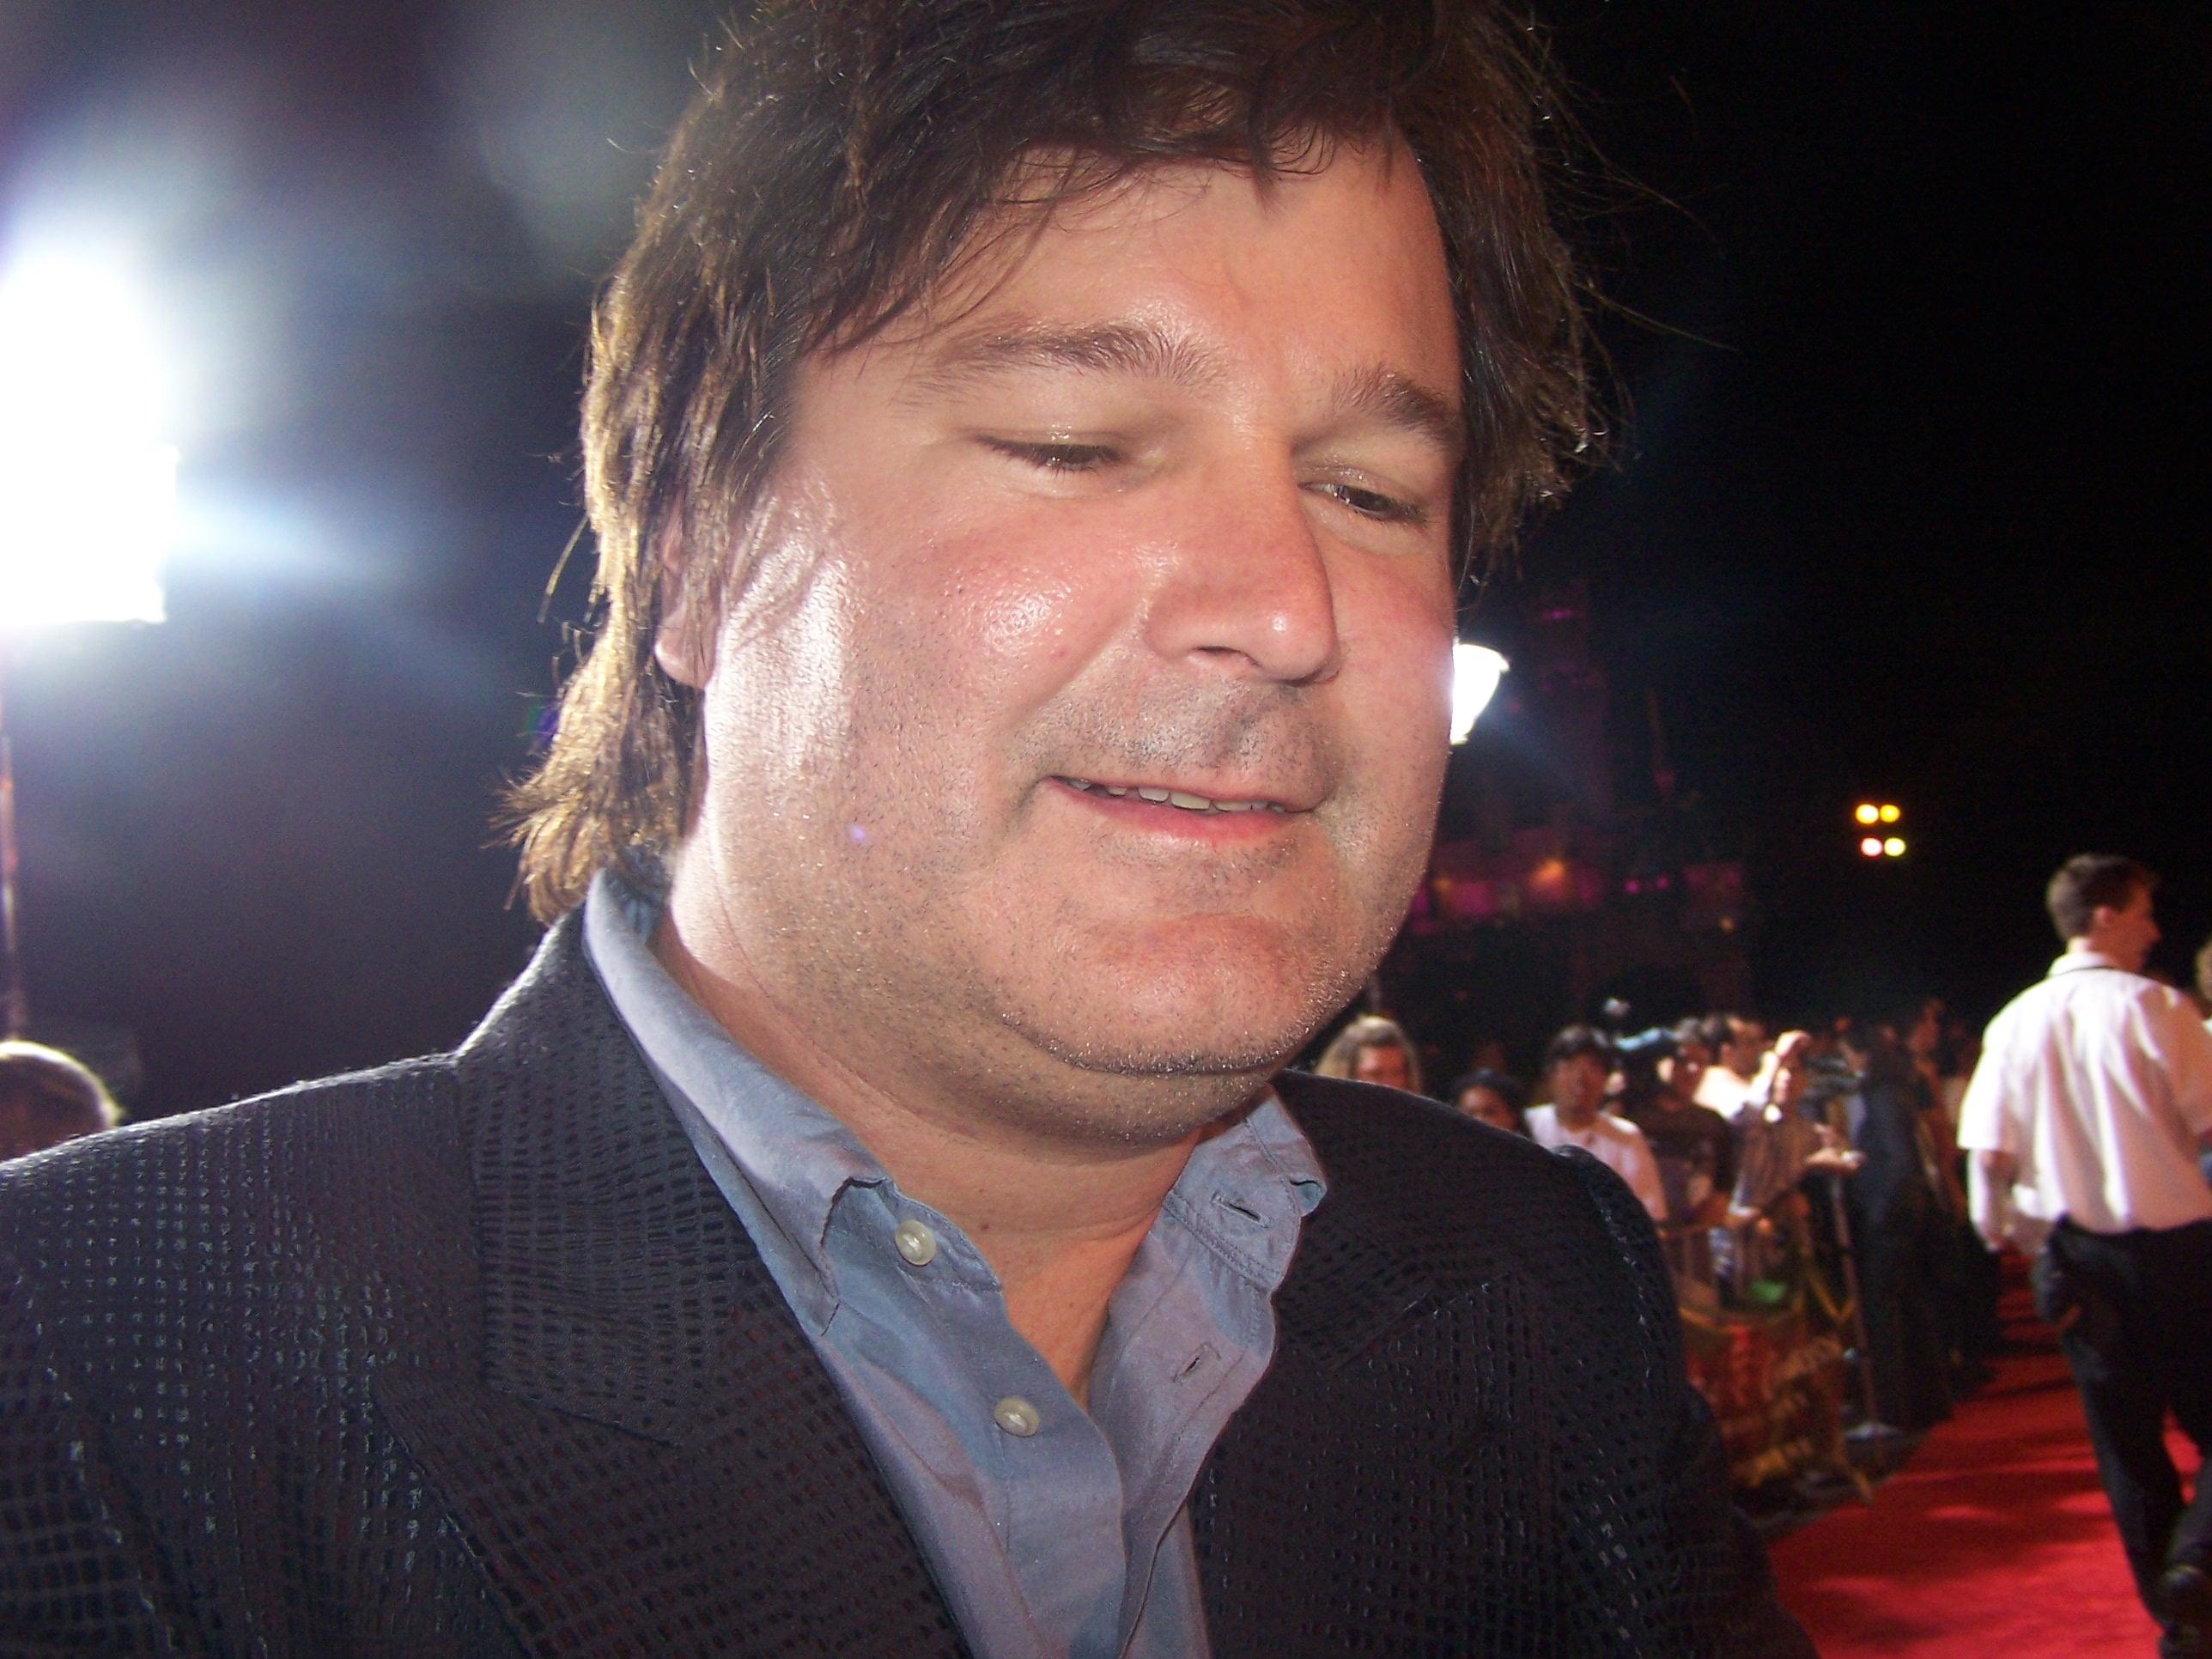 Verbinski in 2004